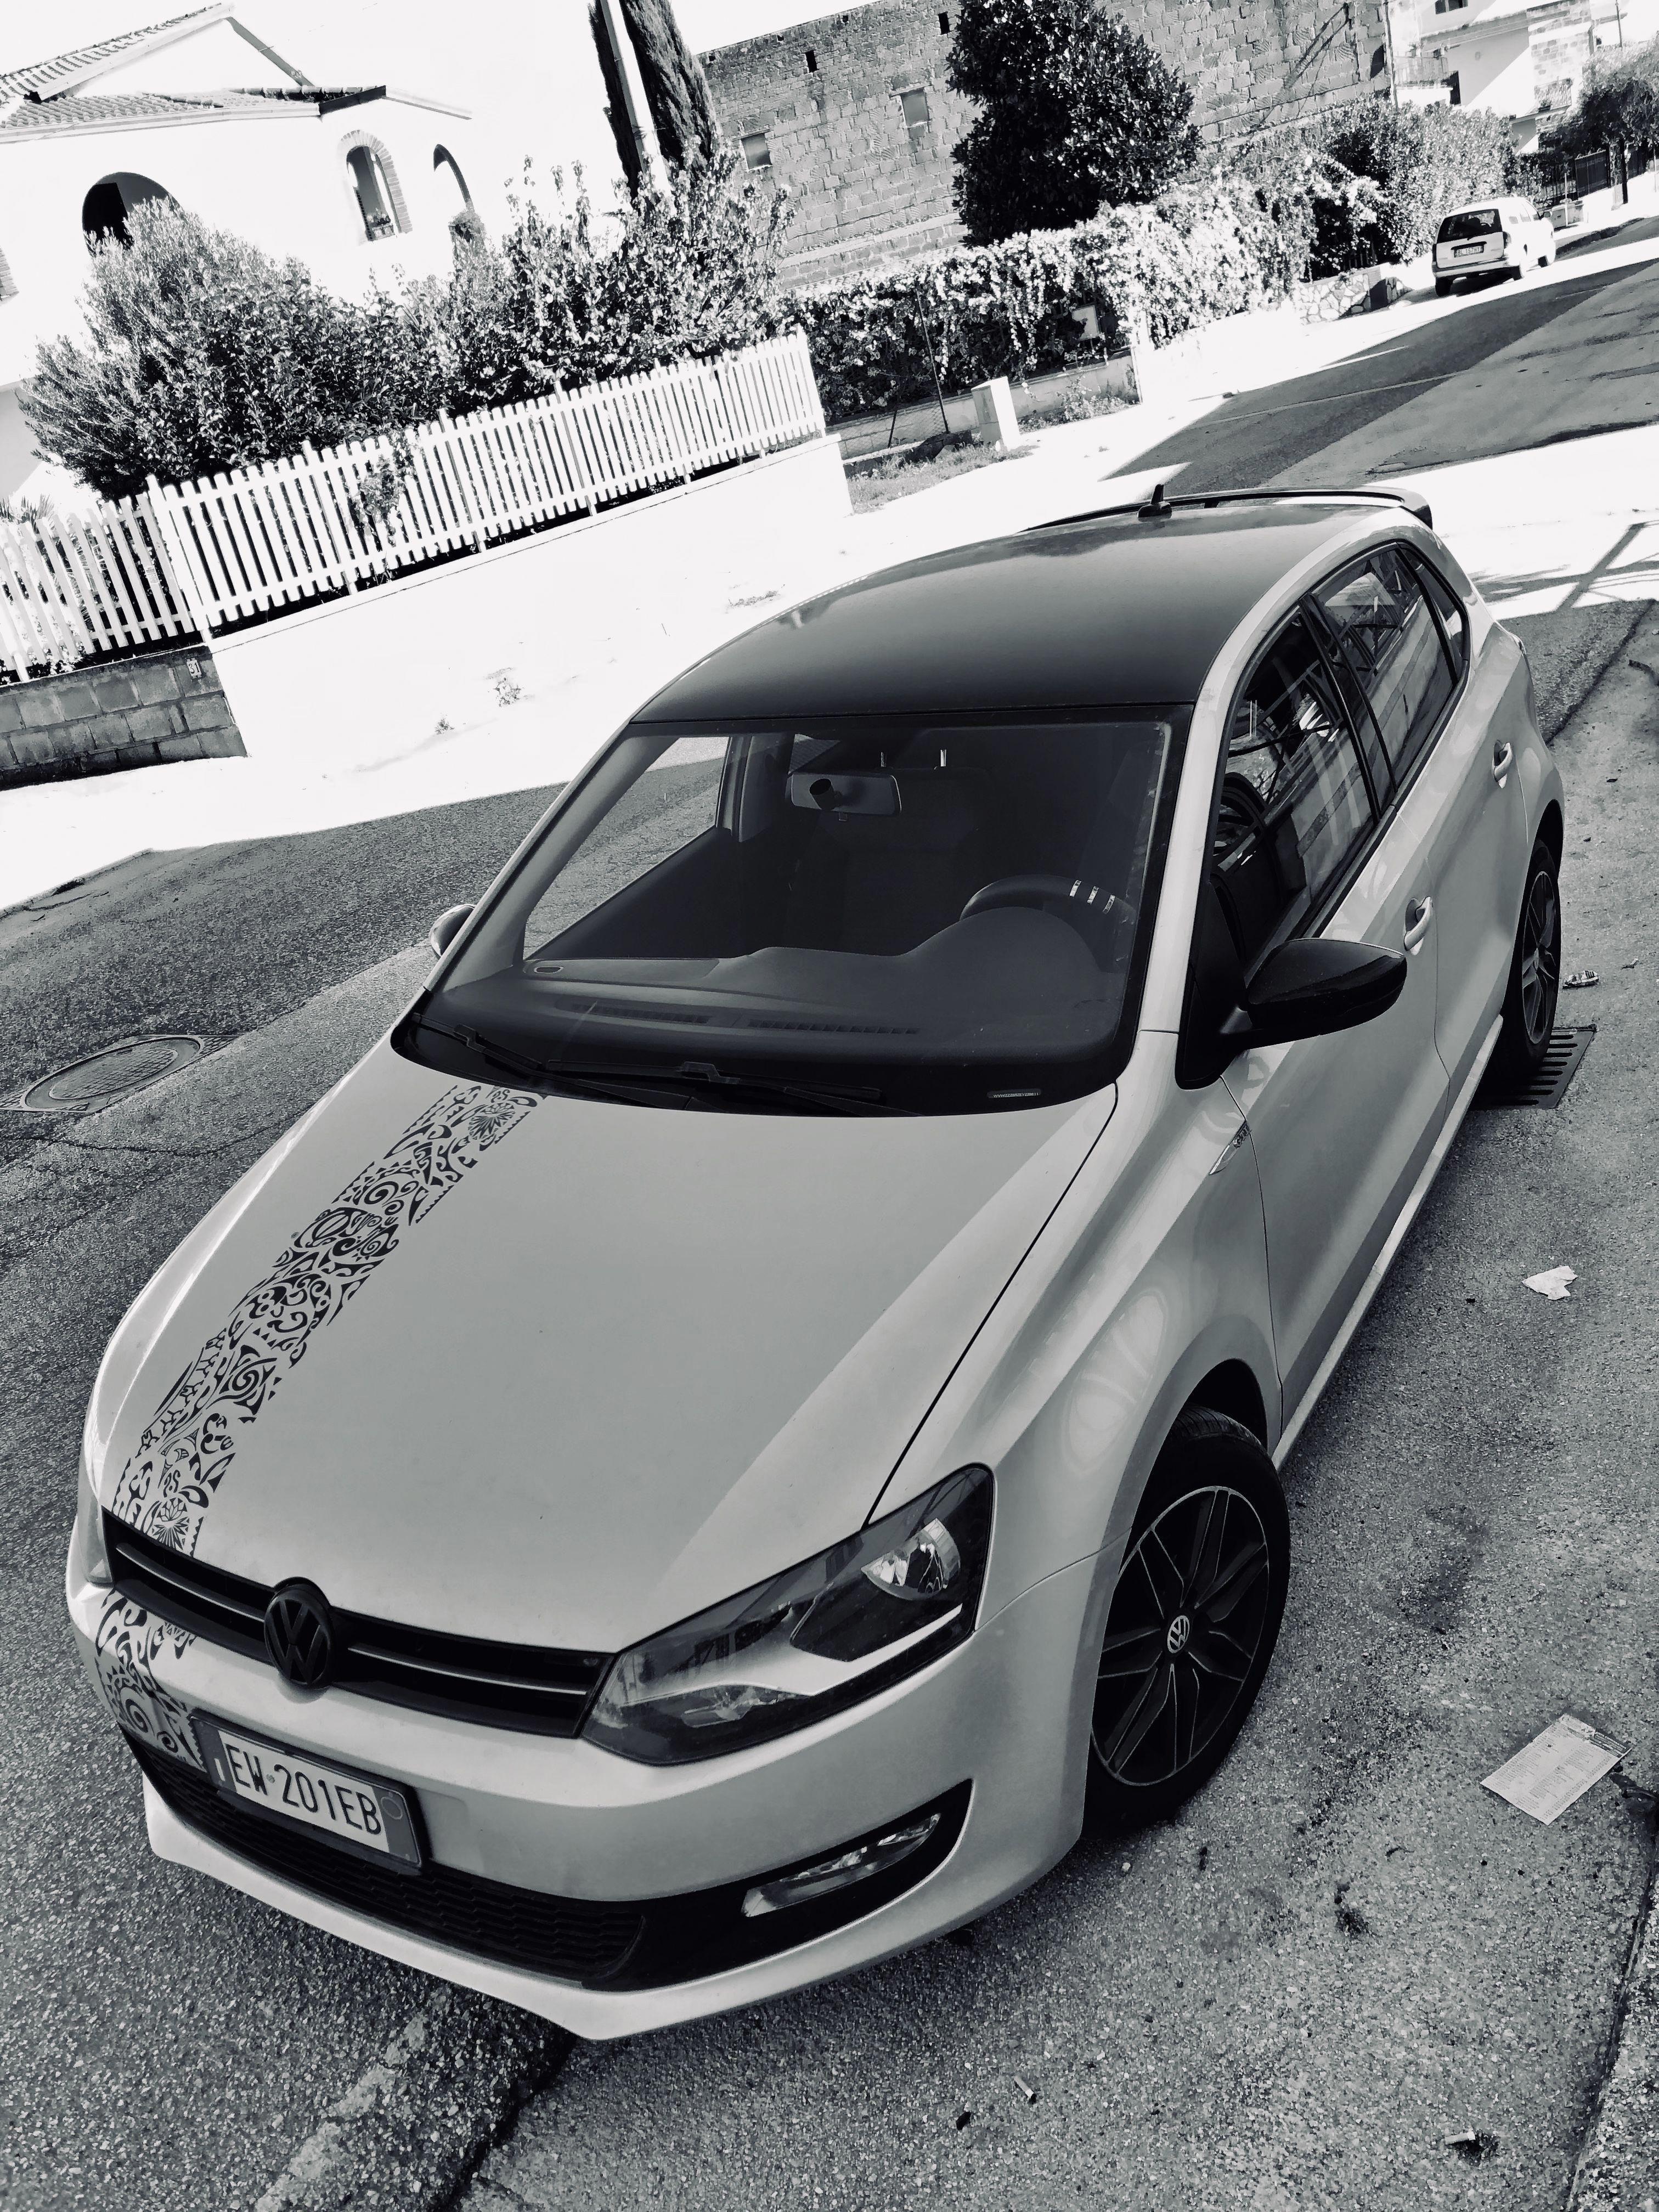 Volkswagenpolo Polo Car Volkswagen Polo Car Volkswagen [ 4032 x 3024 Pixel ]